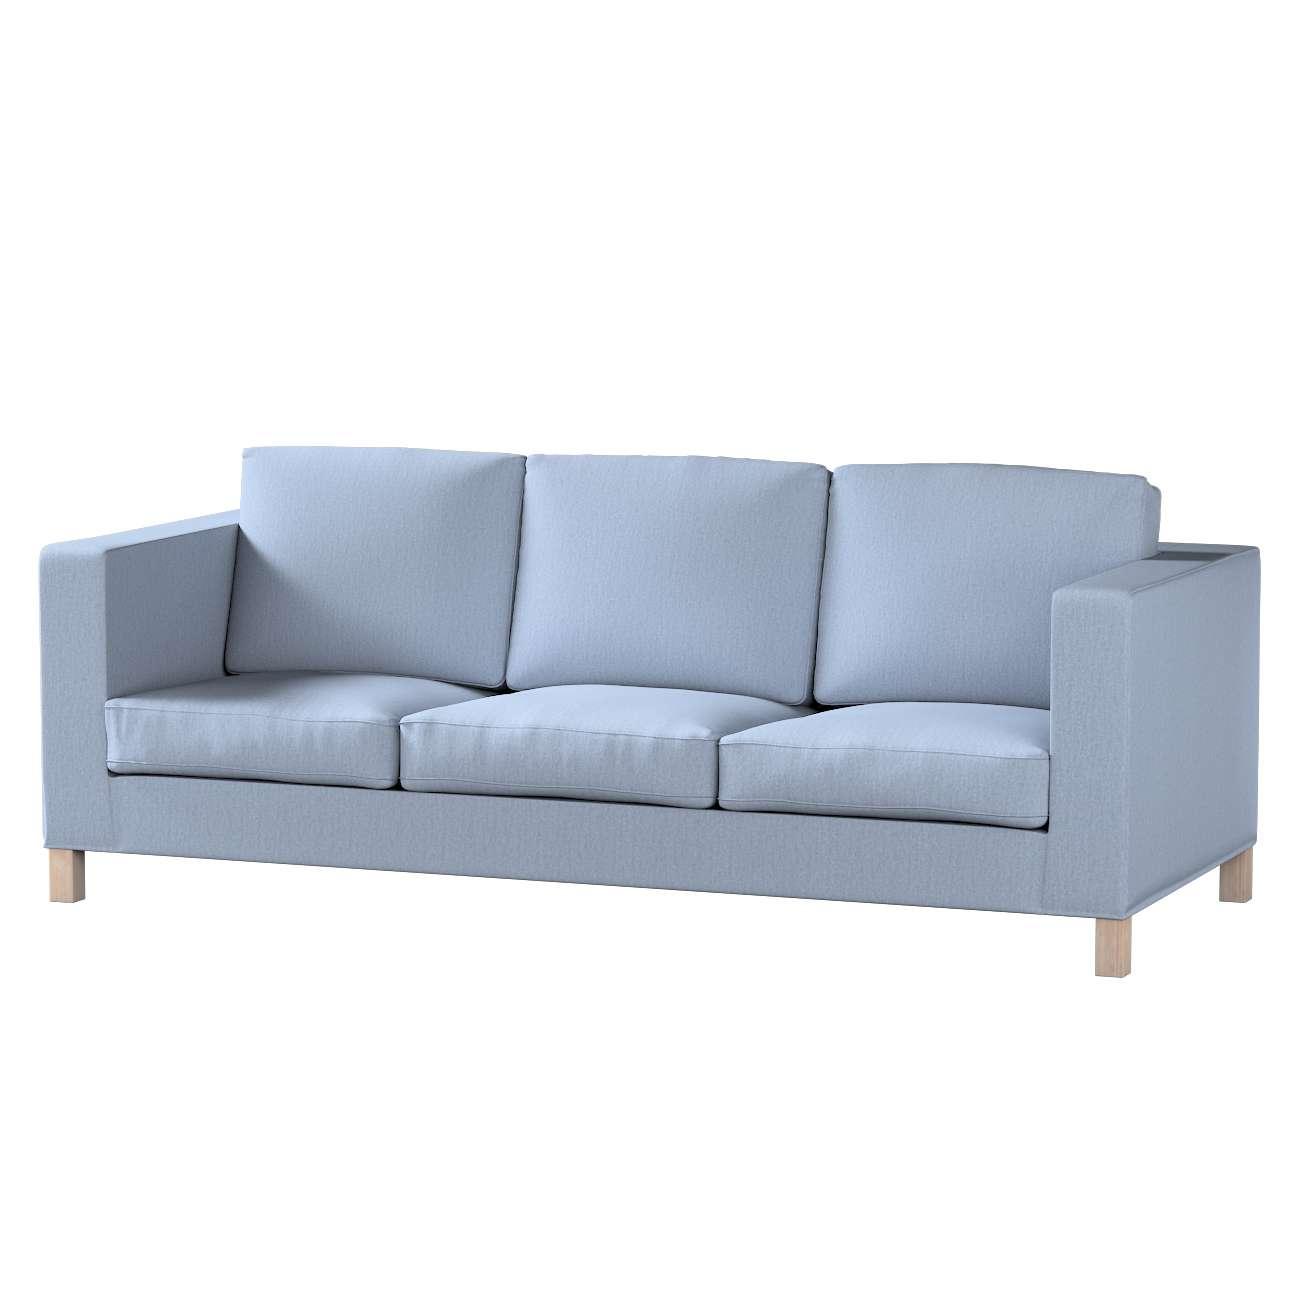 KARLANDA trivietės sofos užvalkalas KARLANDA trivietės sofos užvalkalas kolekcijoje Chenille, audinys: 702-13